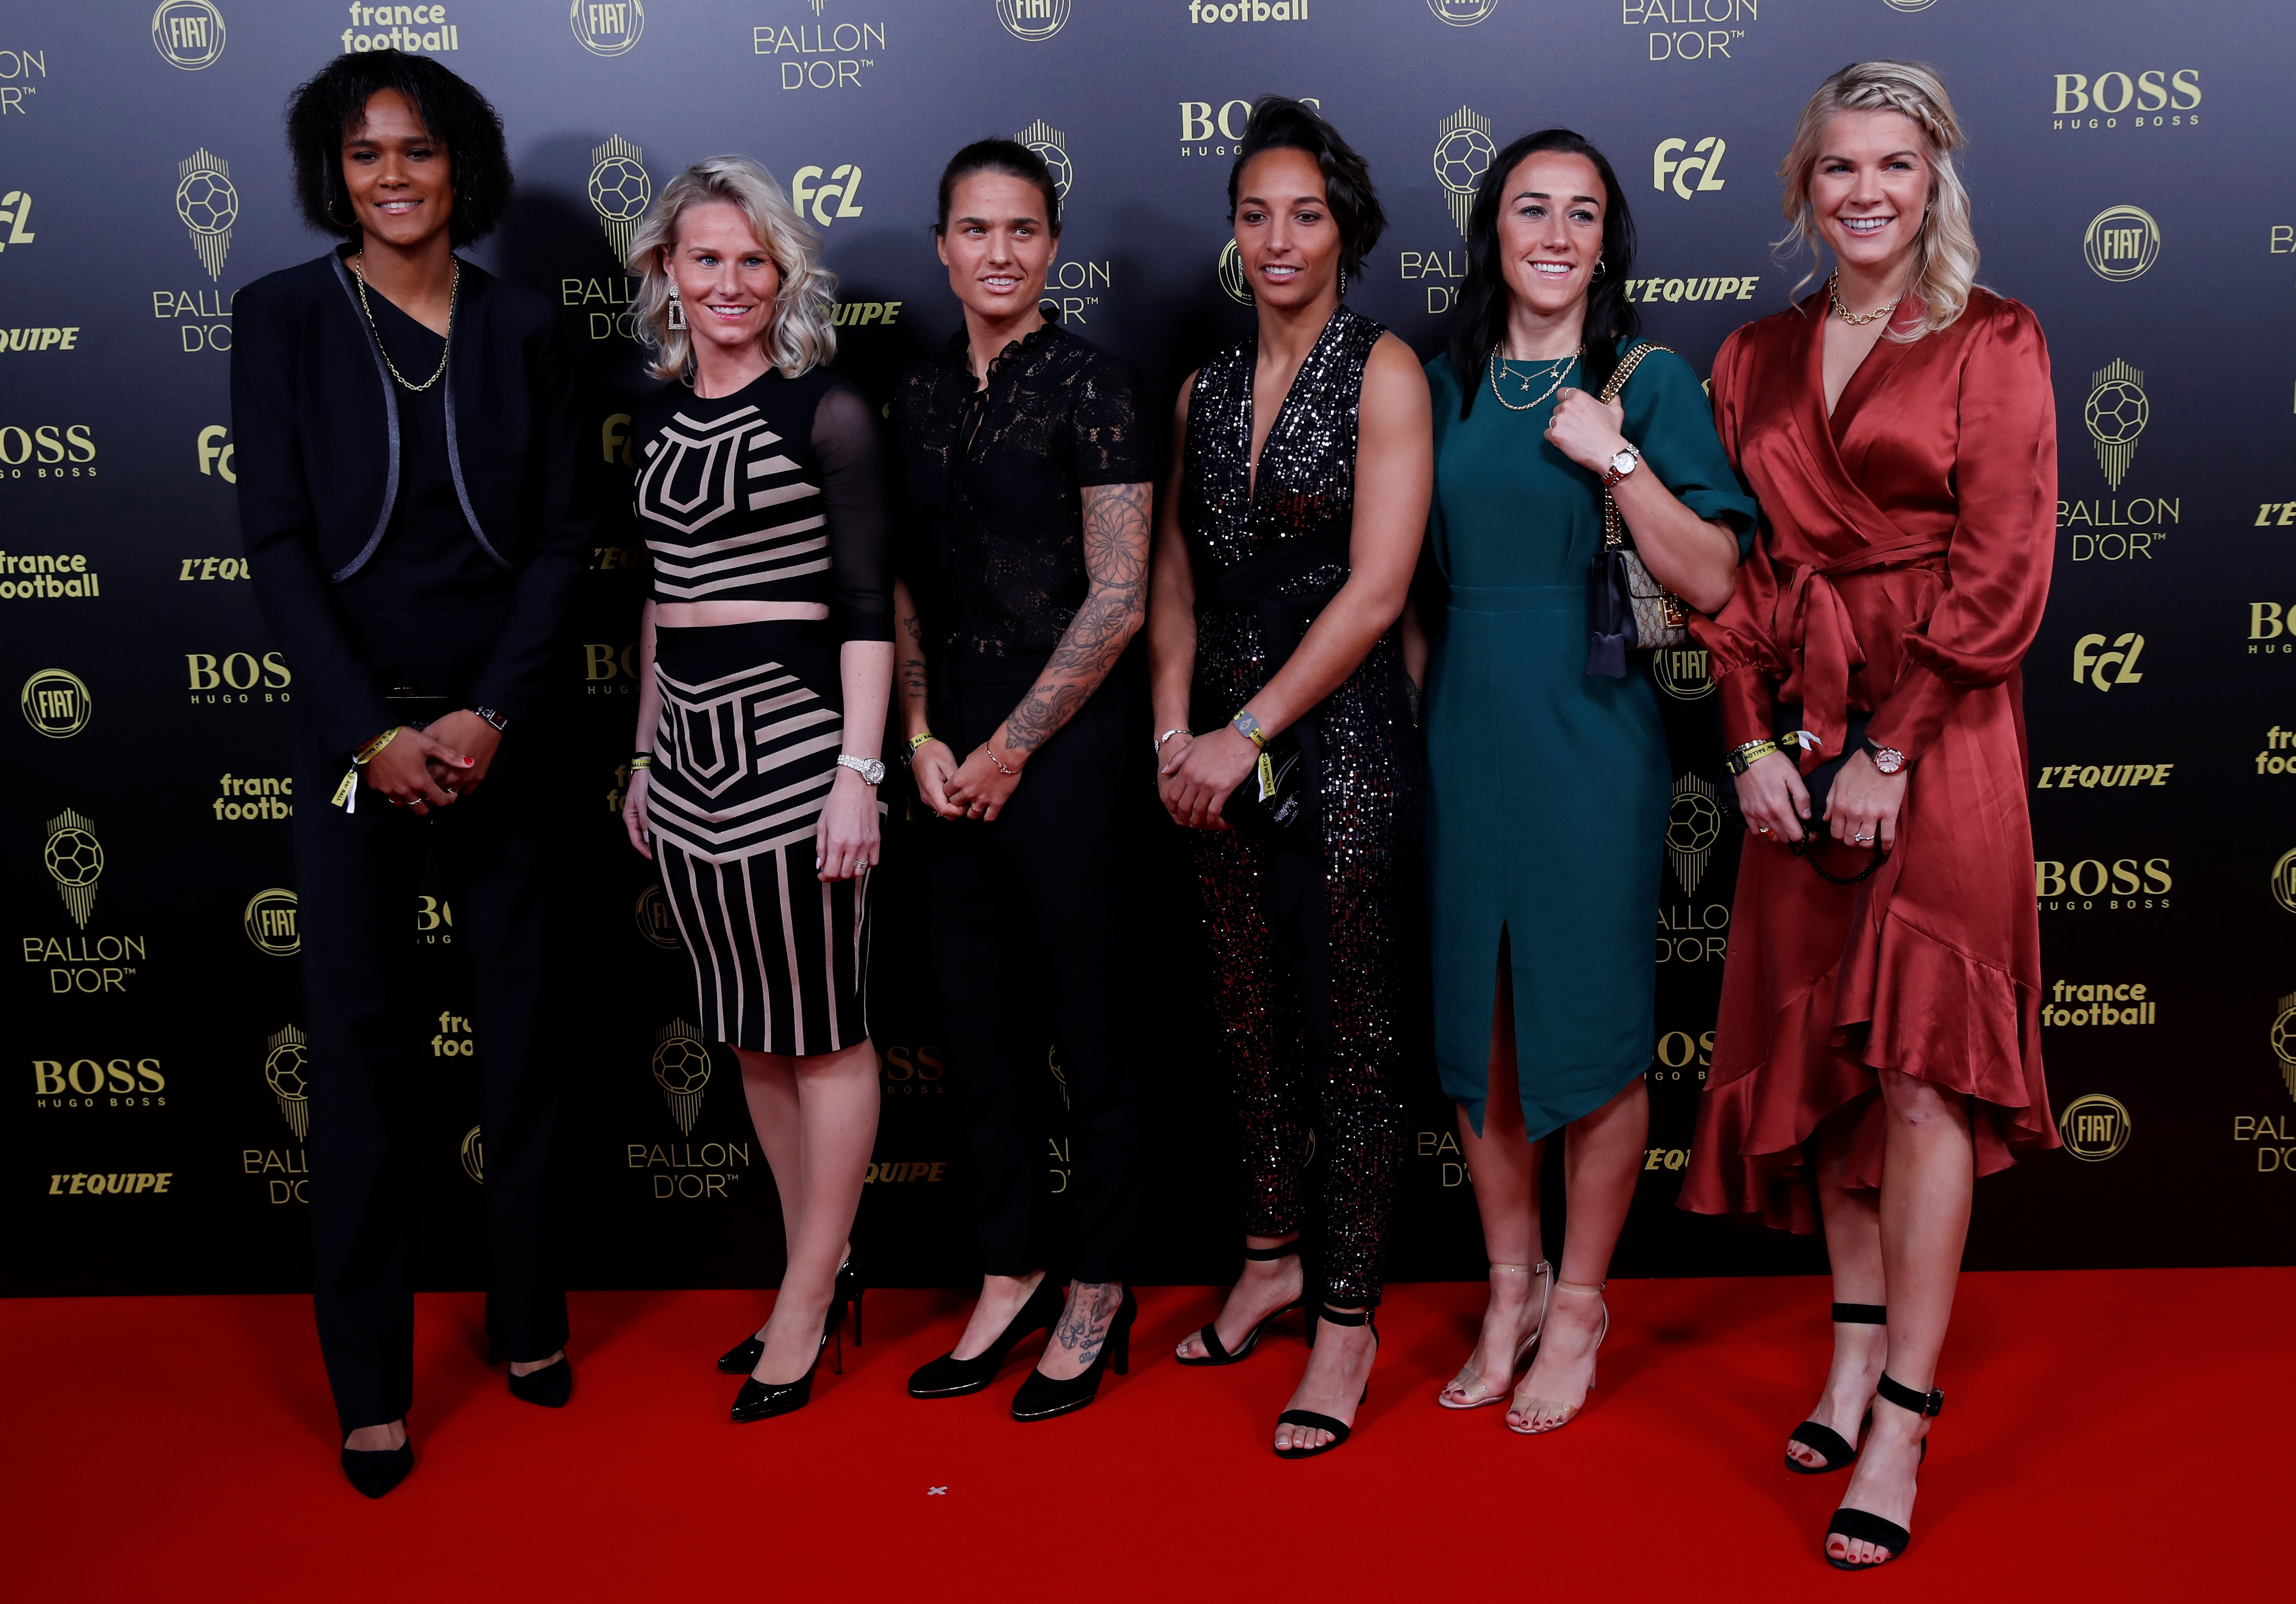 Las jugadoras del Olympique Lyonnais nominadas al Balón de Oro femenino